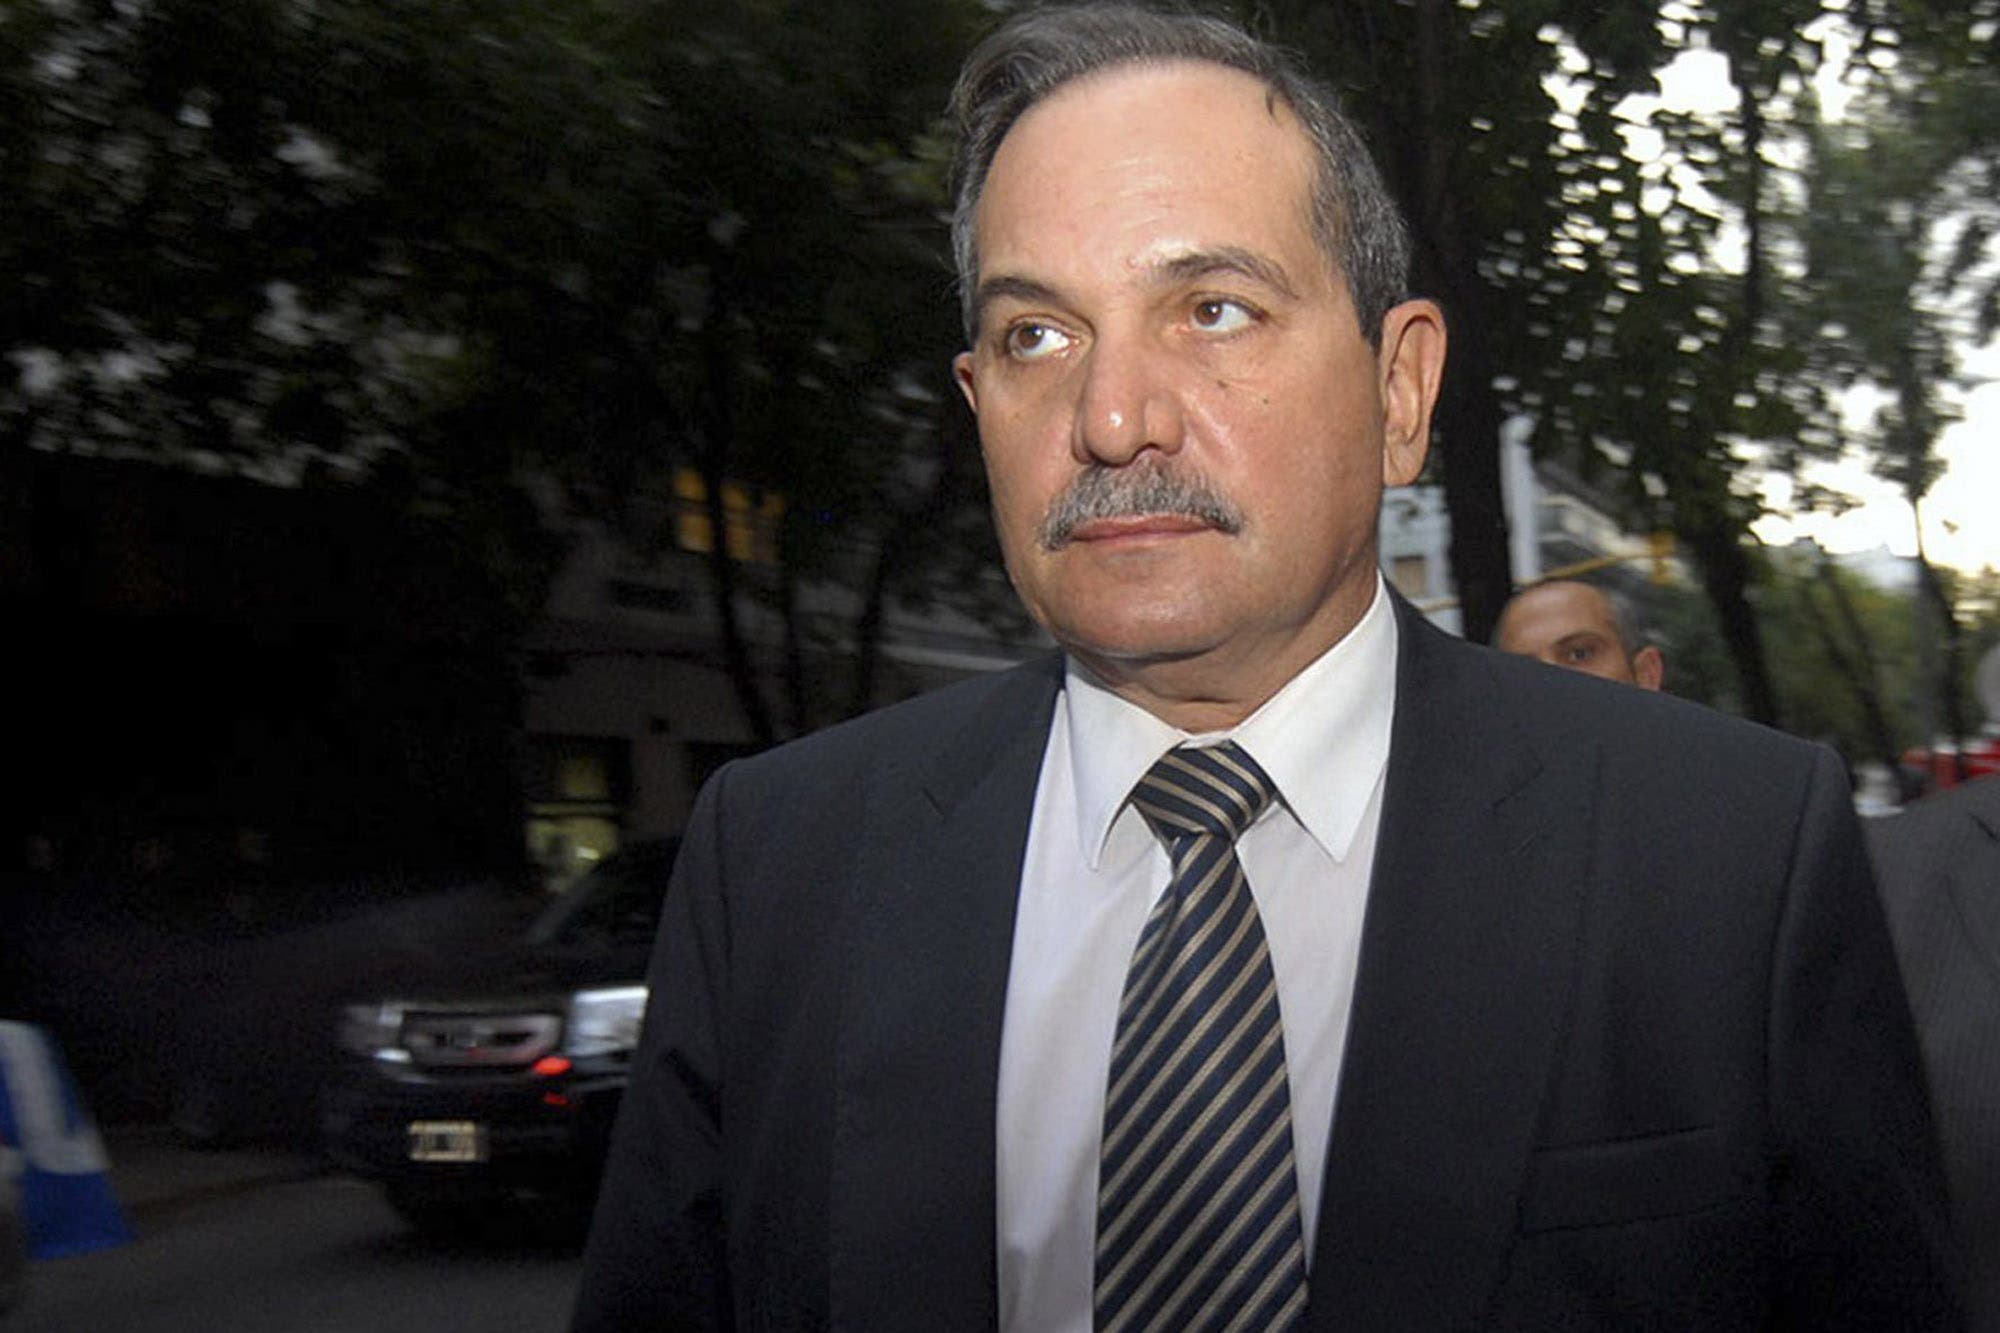 José Alperovich pidió licencia en el Senado tras la denuncia de violación